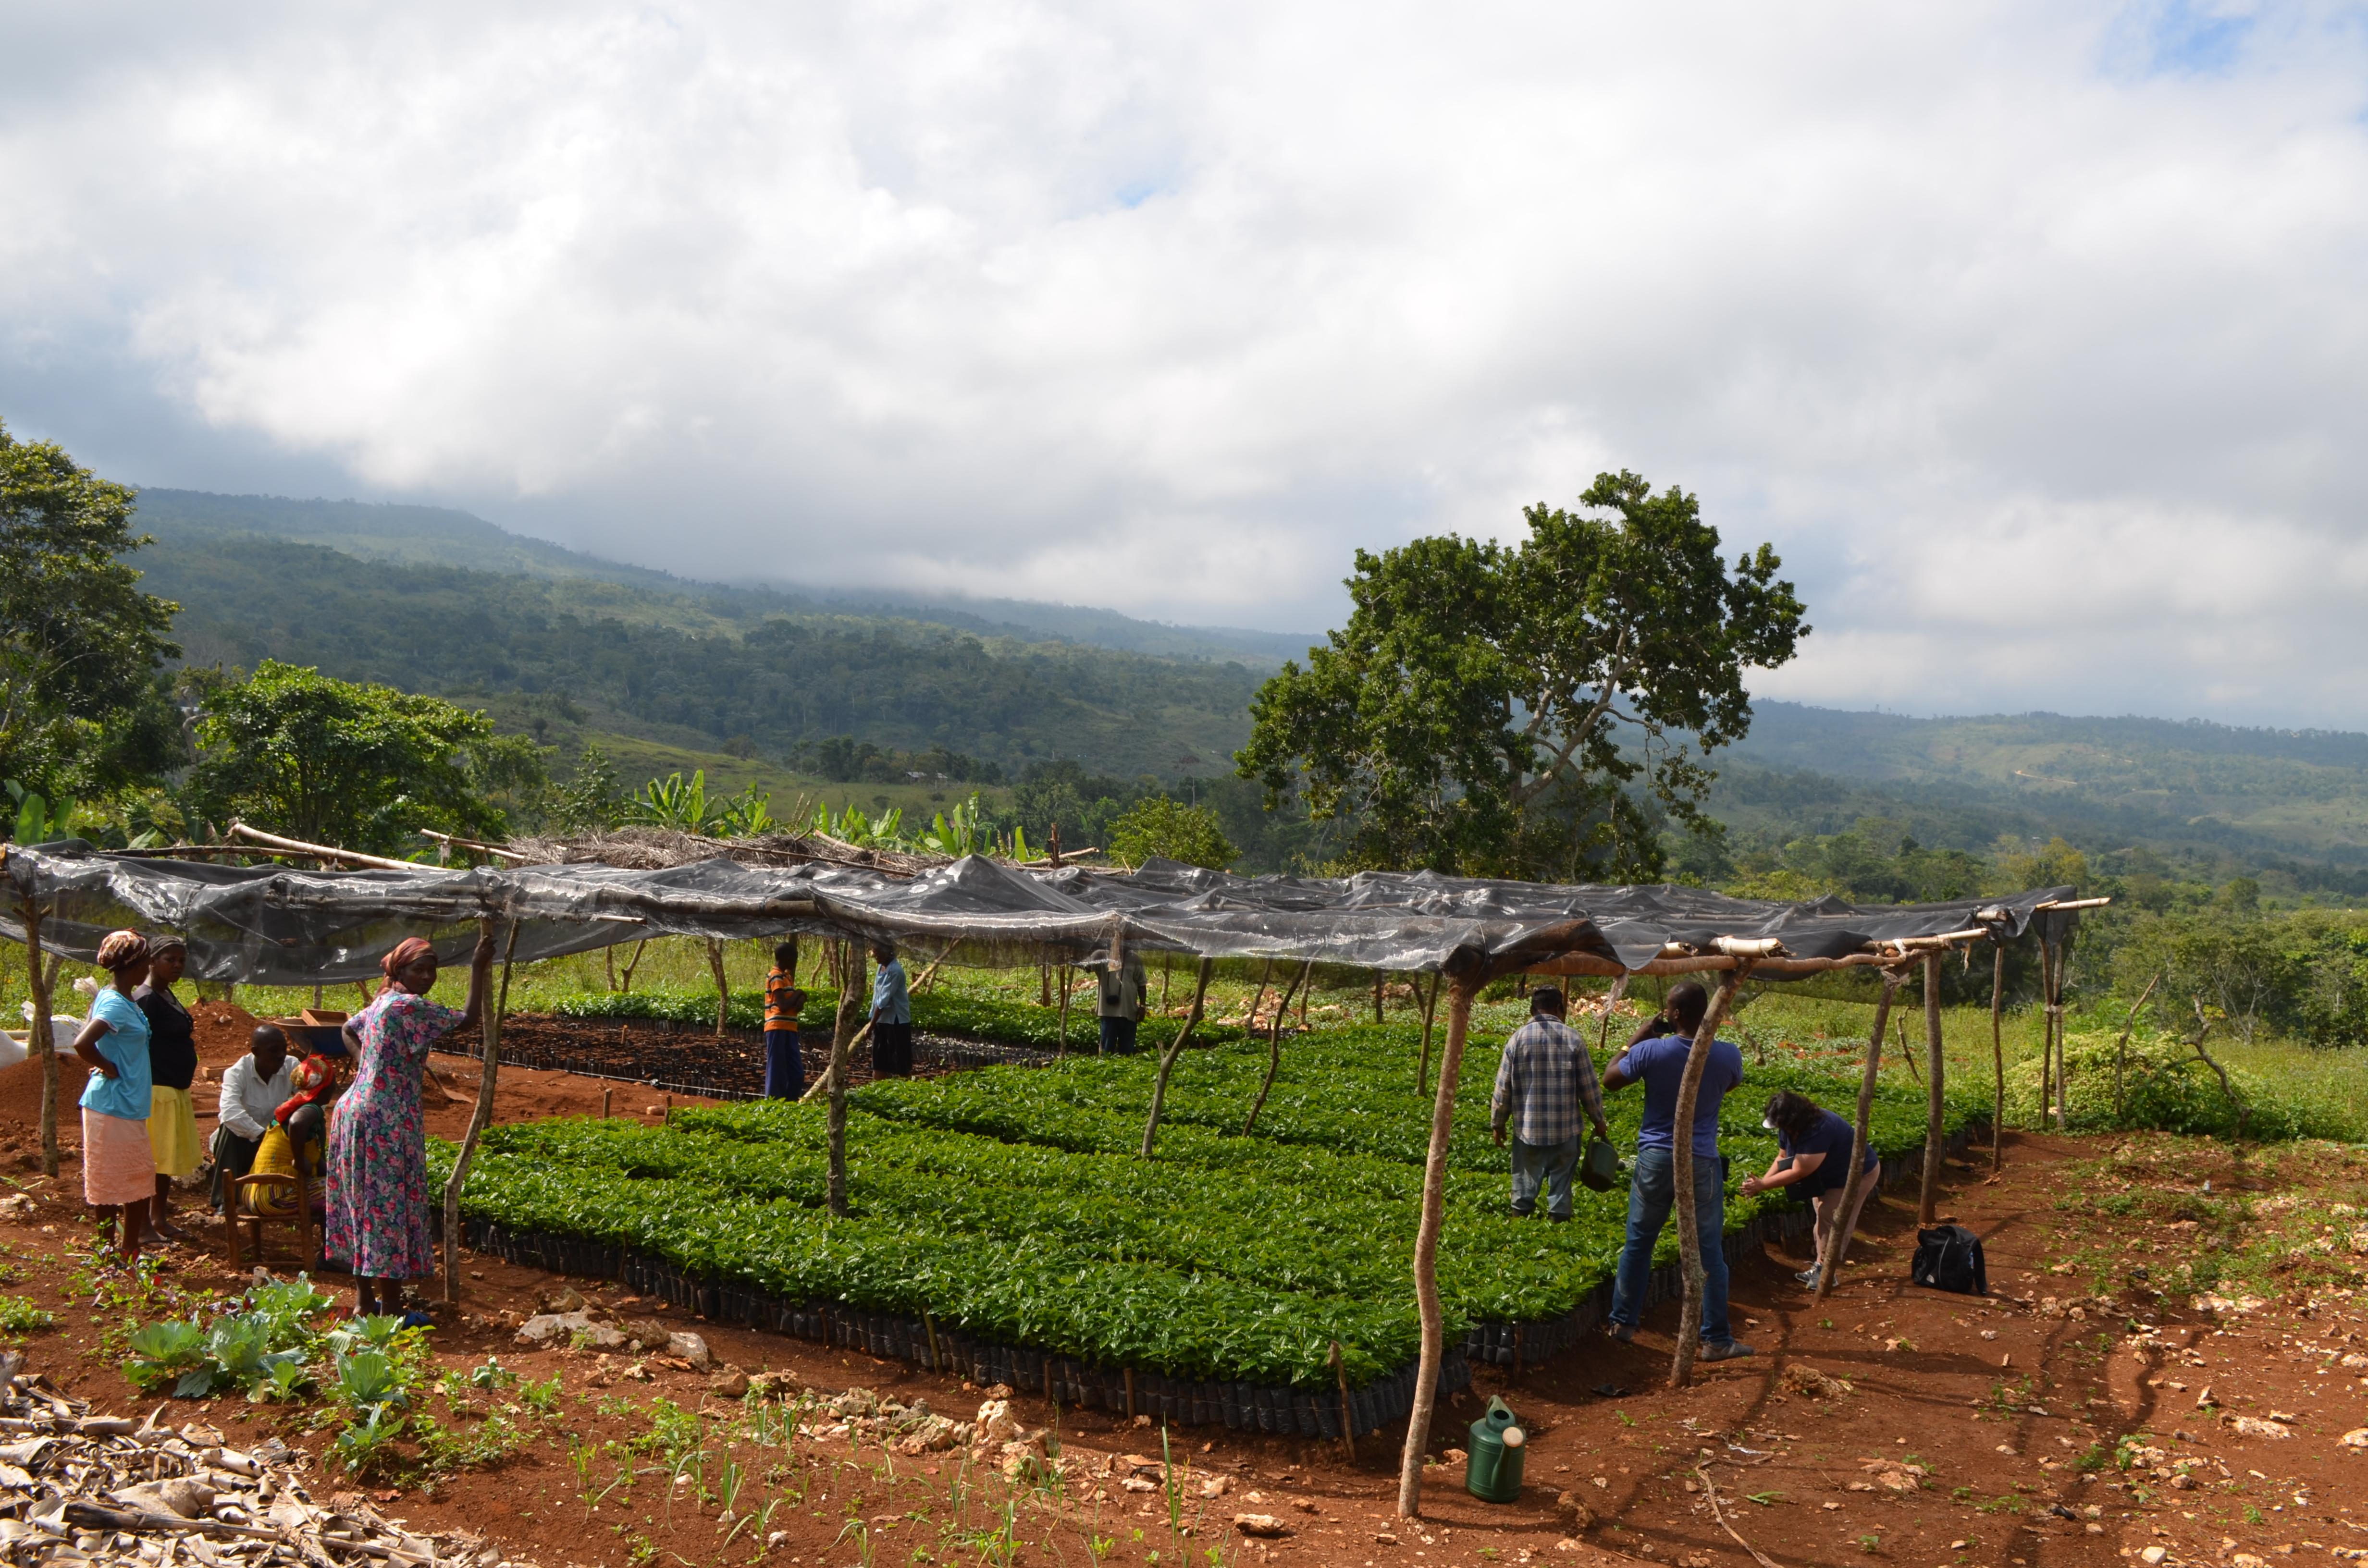 Coffee nursery in Belladere, Haiti